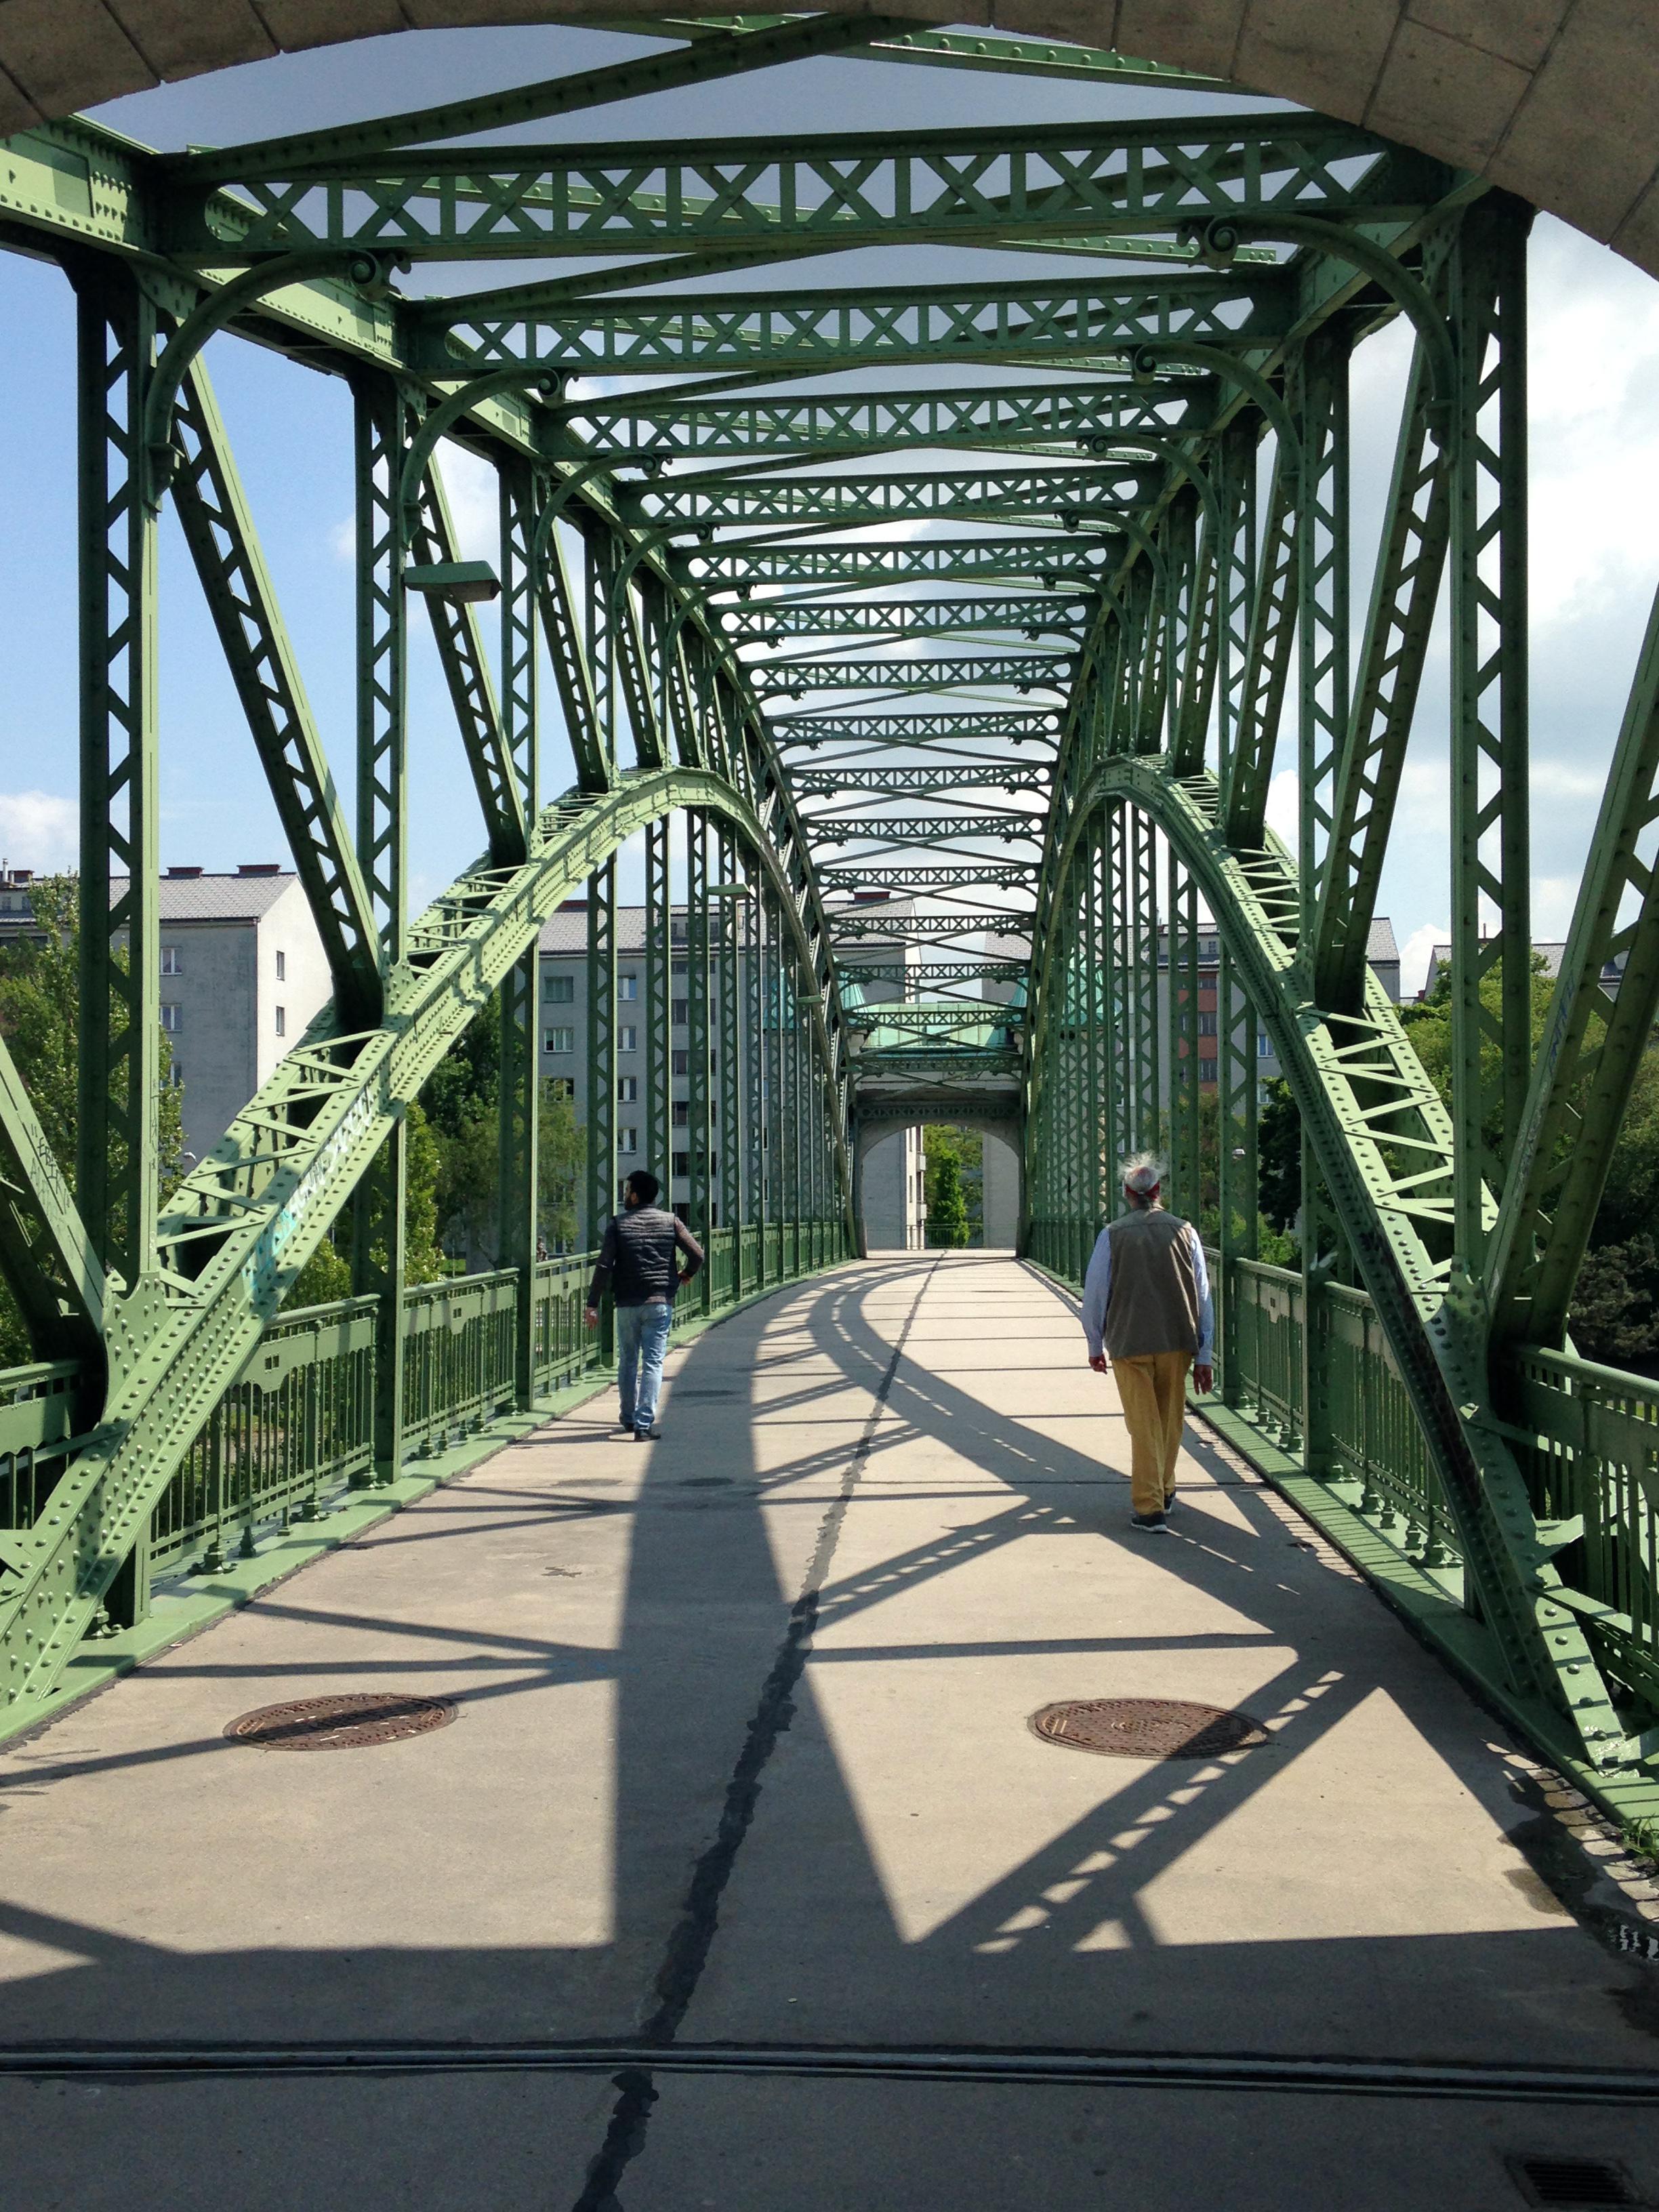 File:Döblinger Steg zwischen 19. und 20. Bezirk.jpg - Wikimedia Commons